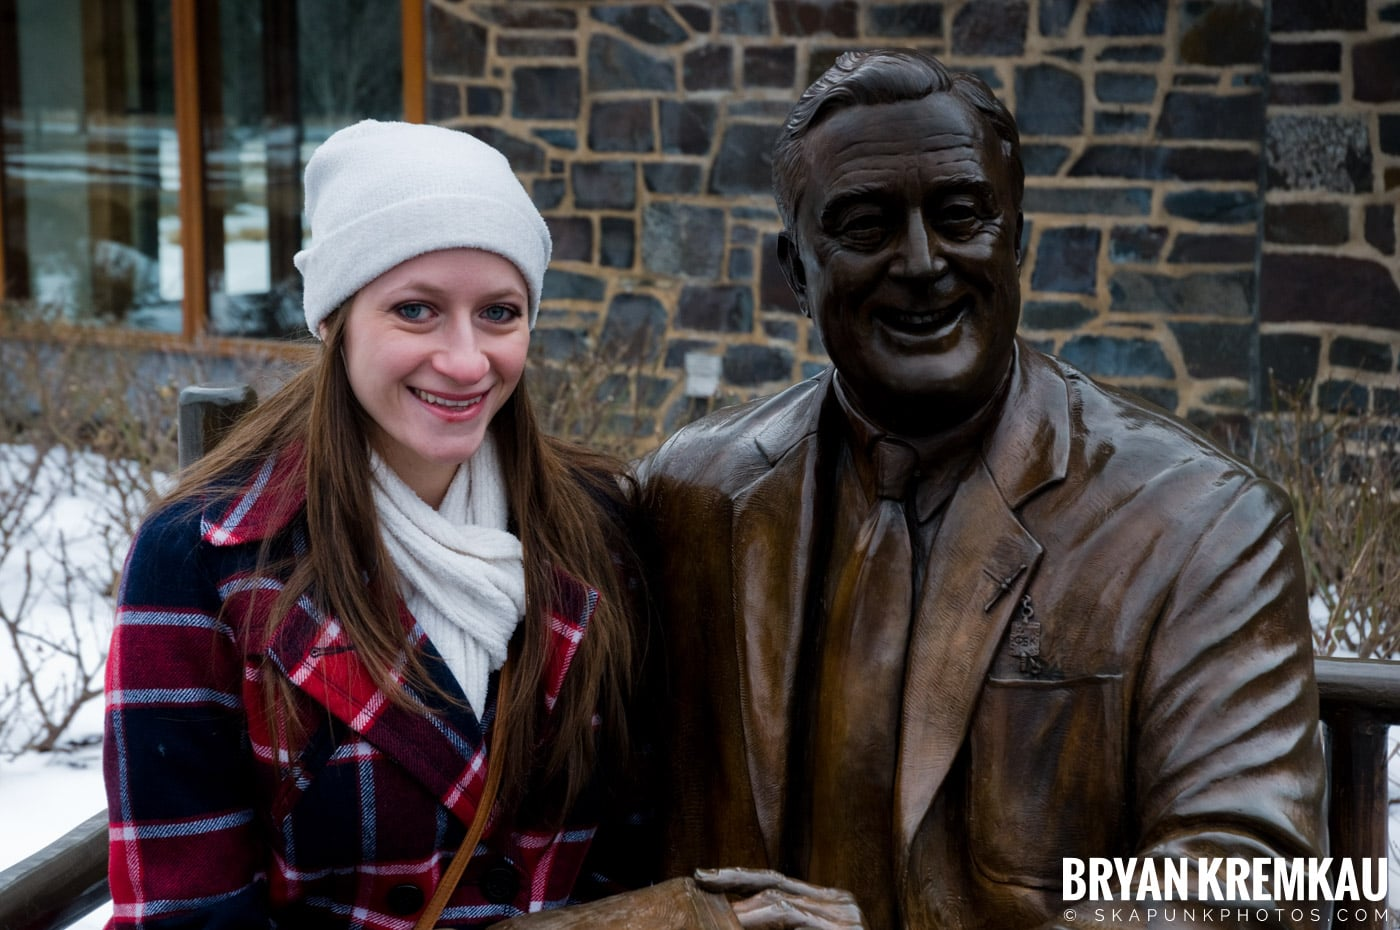 Valentine's Day Trip @ Rhinebeck, FDR's Home, Vanderbilt, Wilderstein Historic Site, NY - 2.14.10 (18)